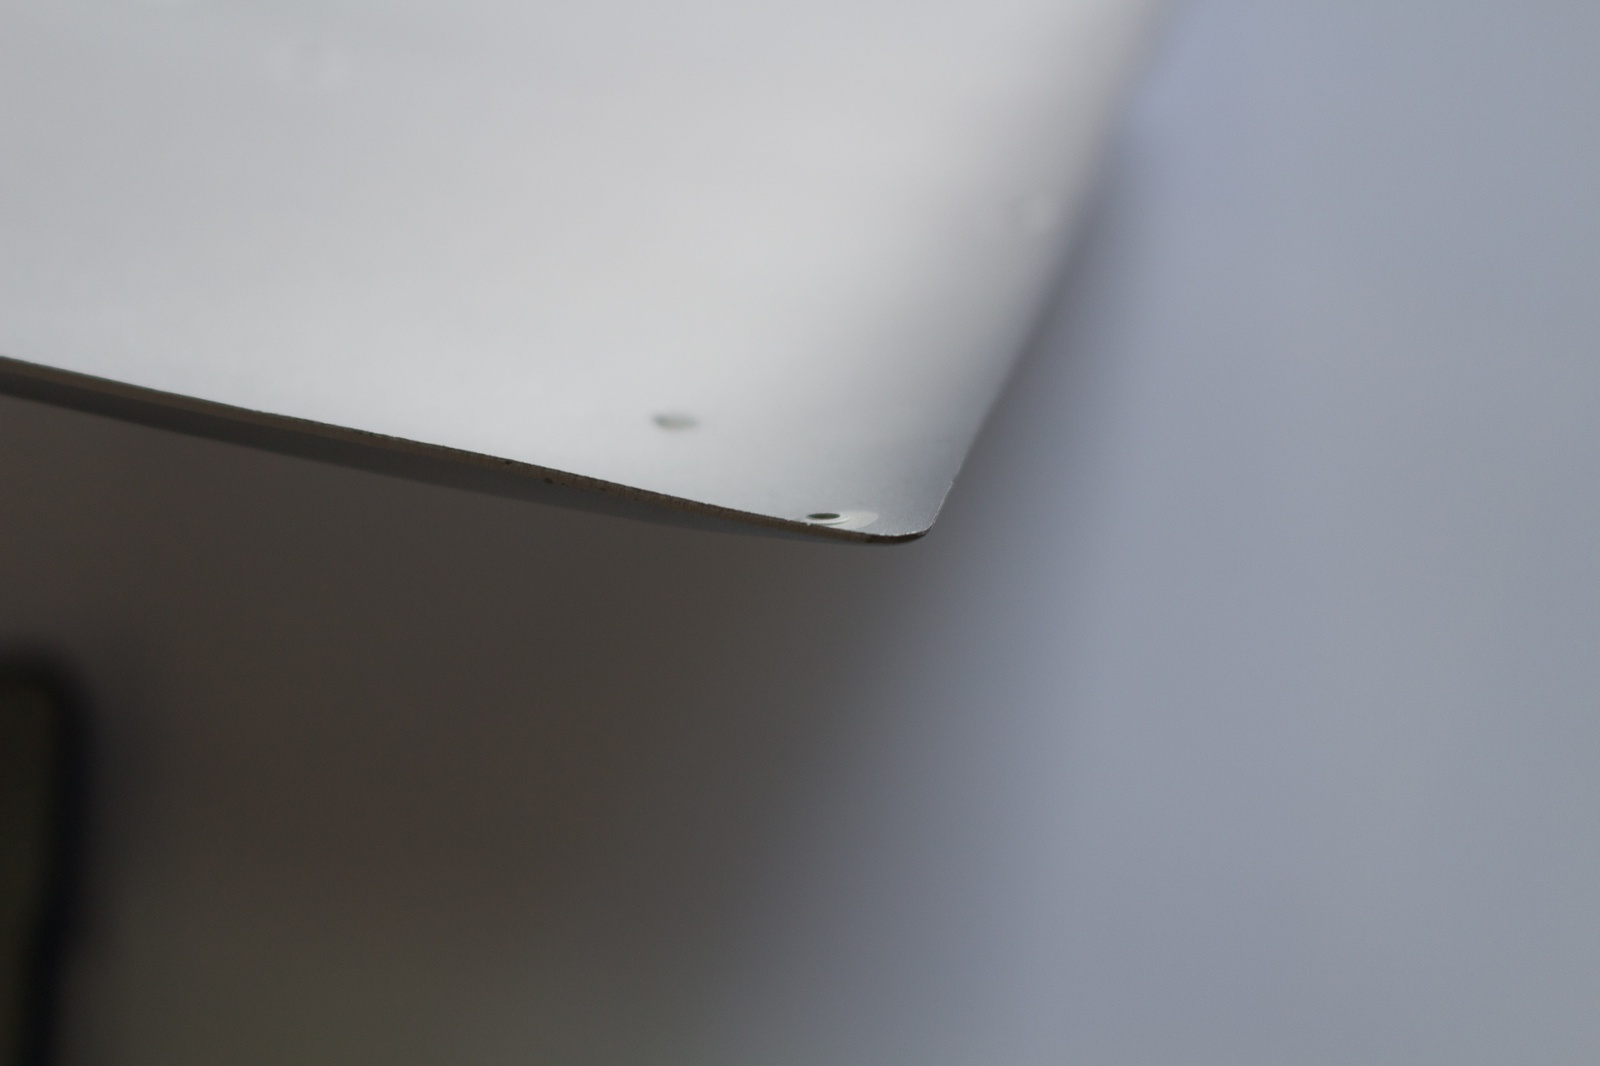 """Исследуем и частично разбираем дешевые китайские ноутбуки с диагональю 13,3"""": жить уже можно - 28"""